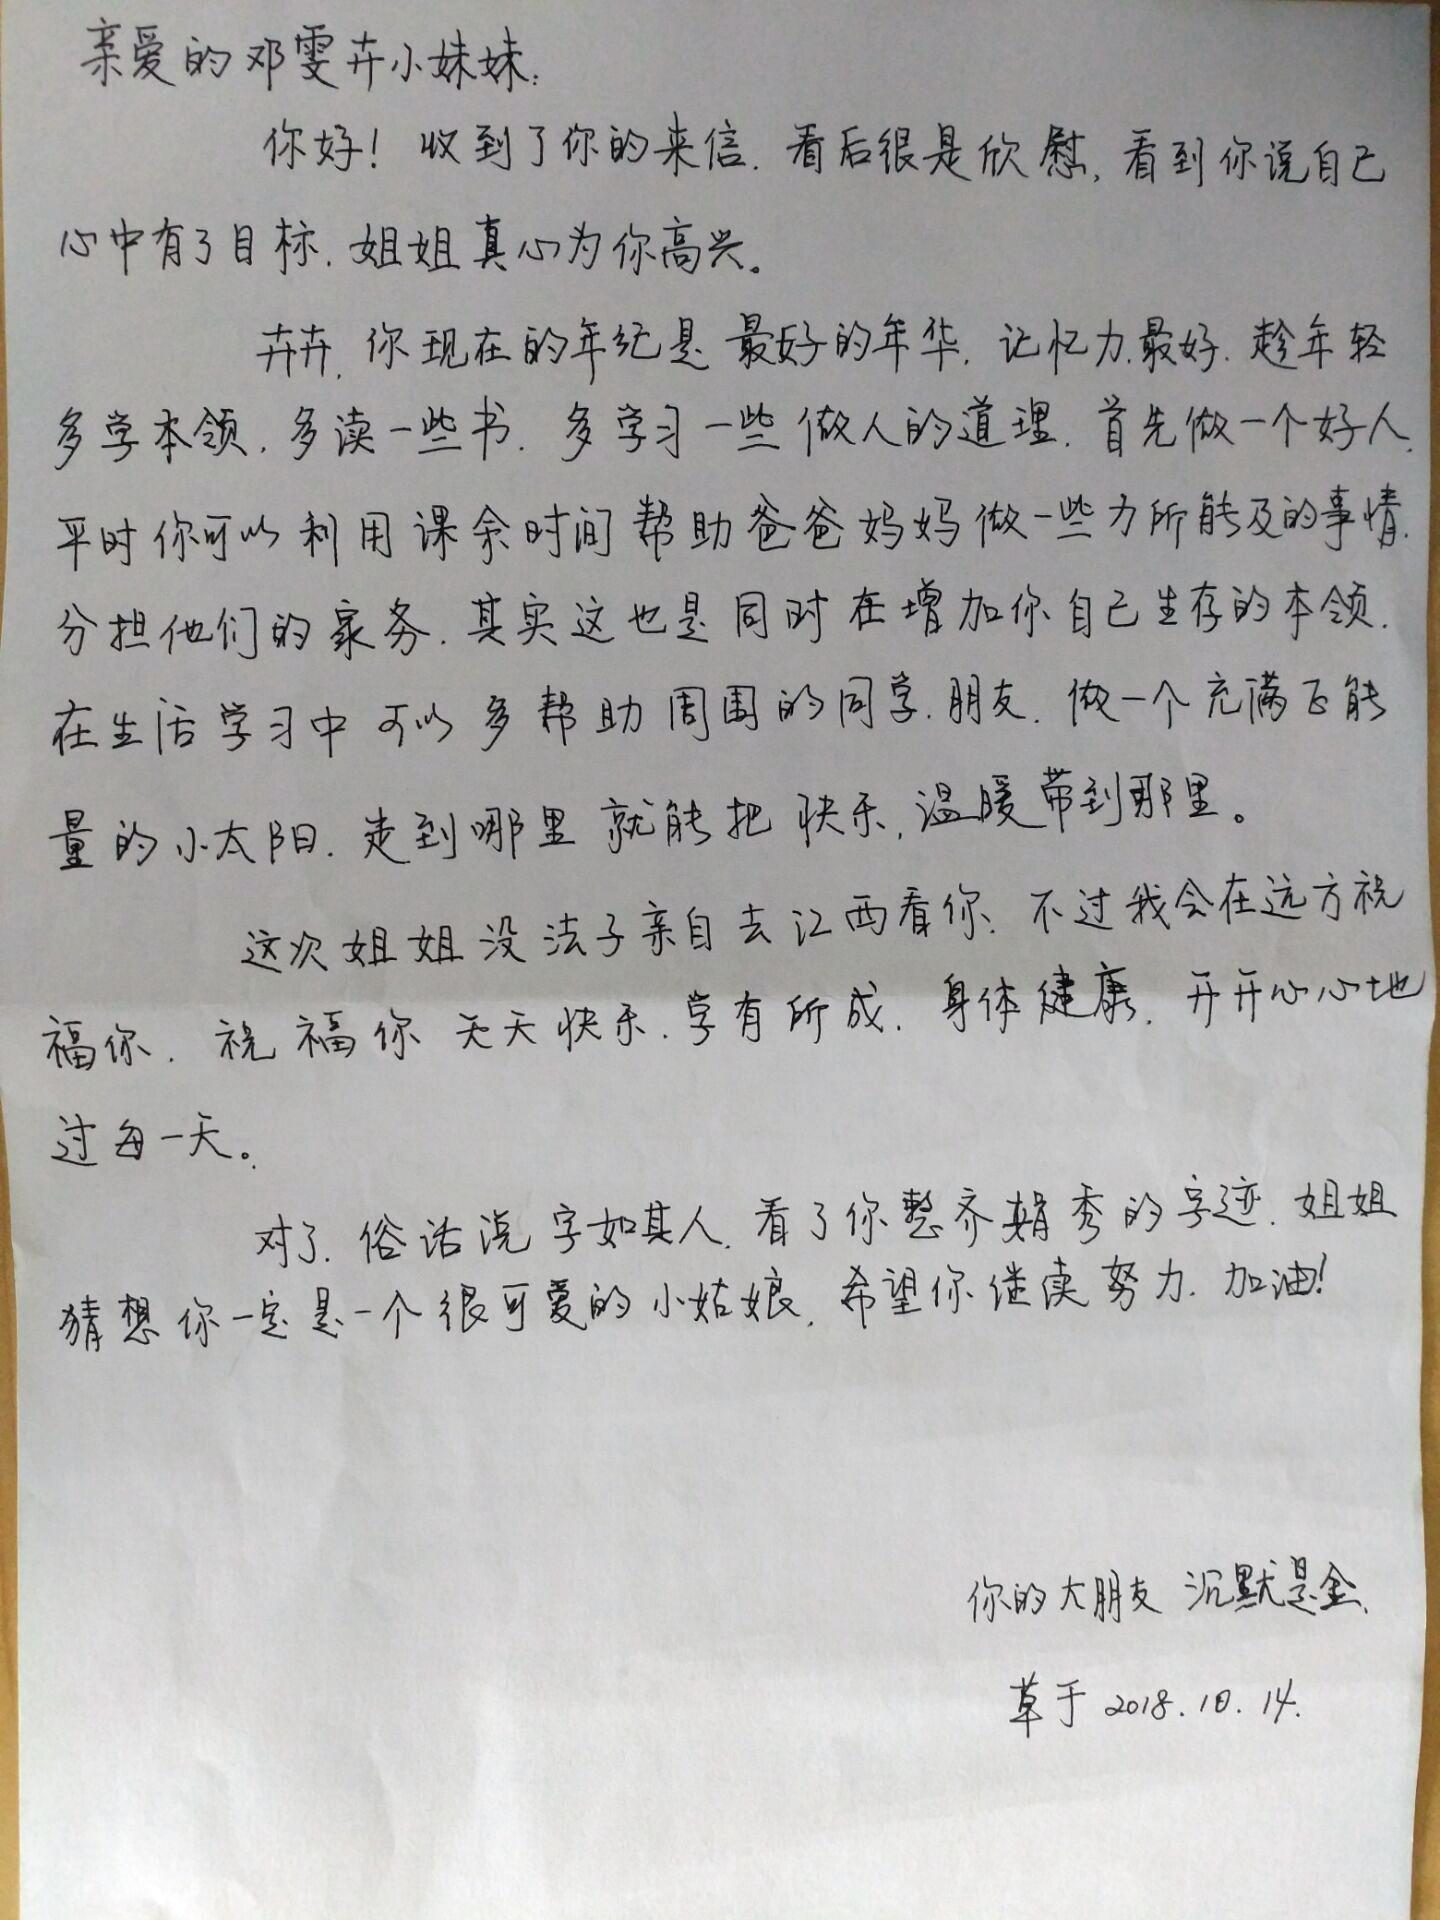 给邓雯卉同学的信.jpg